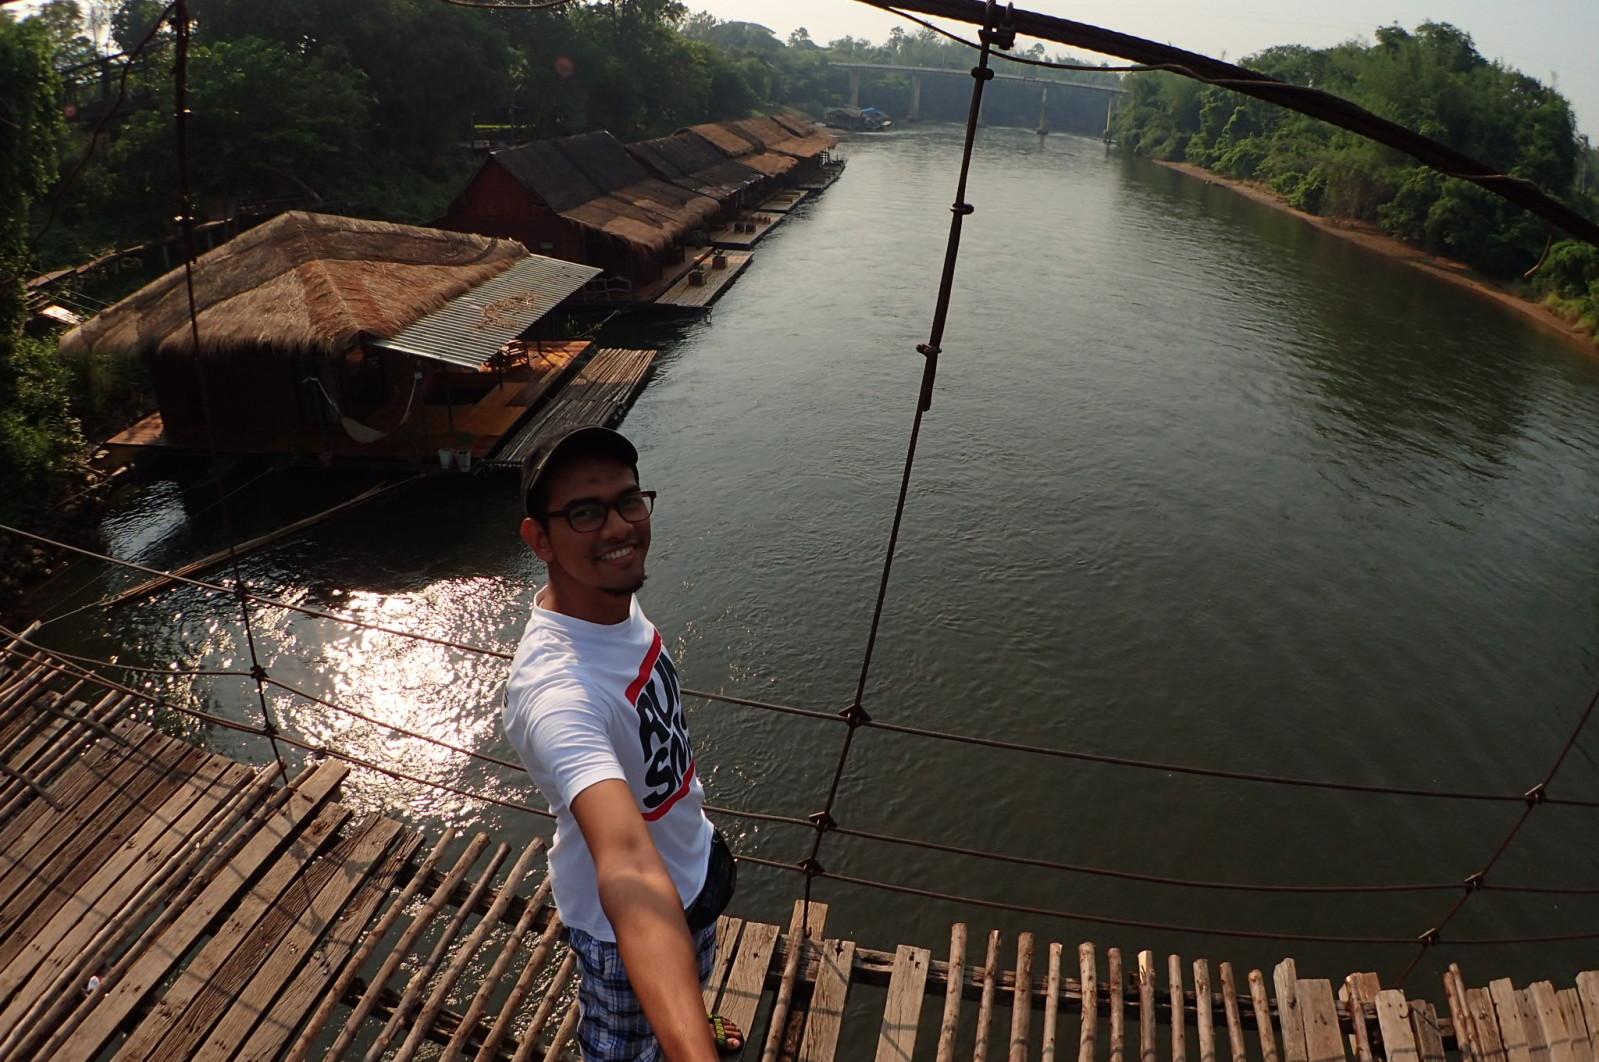 Seronok betul dapat duduk di resort terapung atas River Kwai ni.